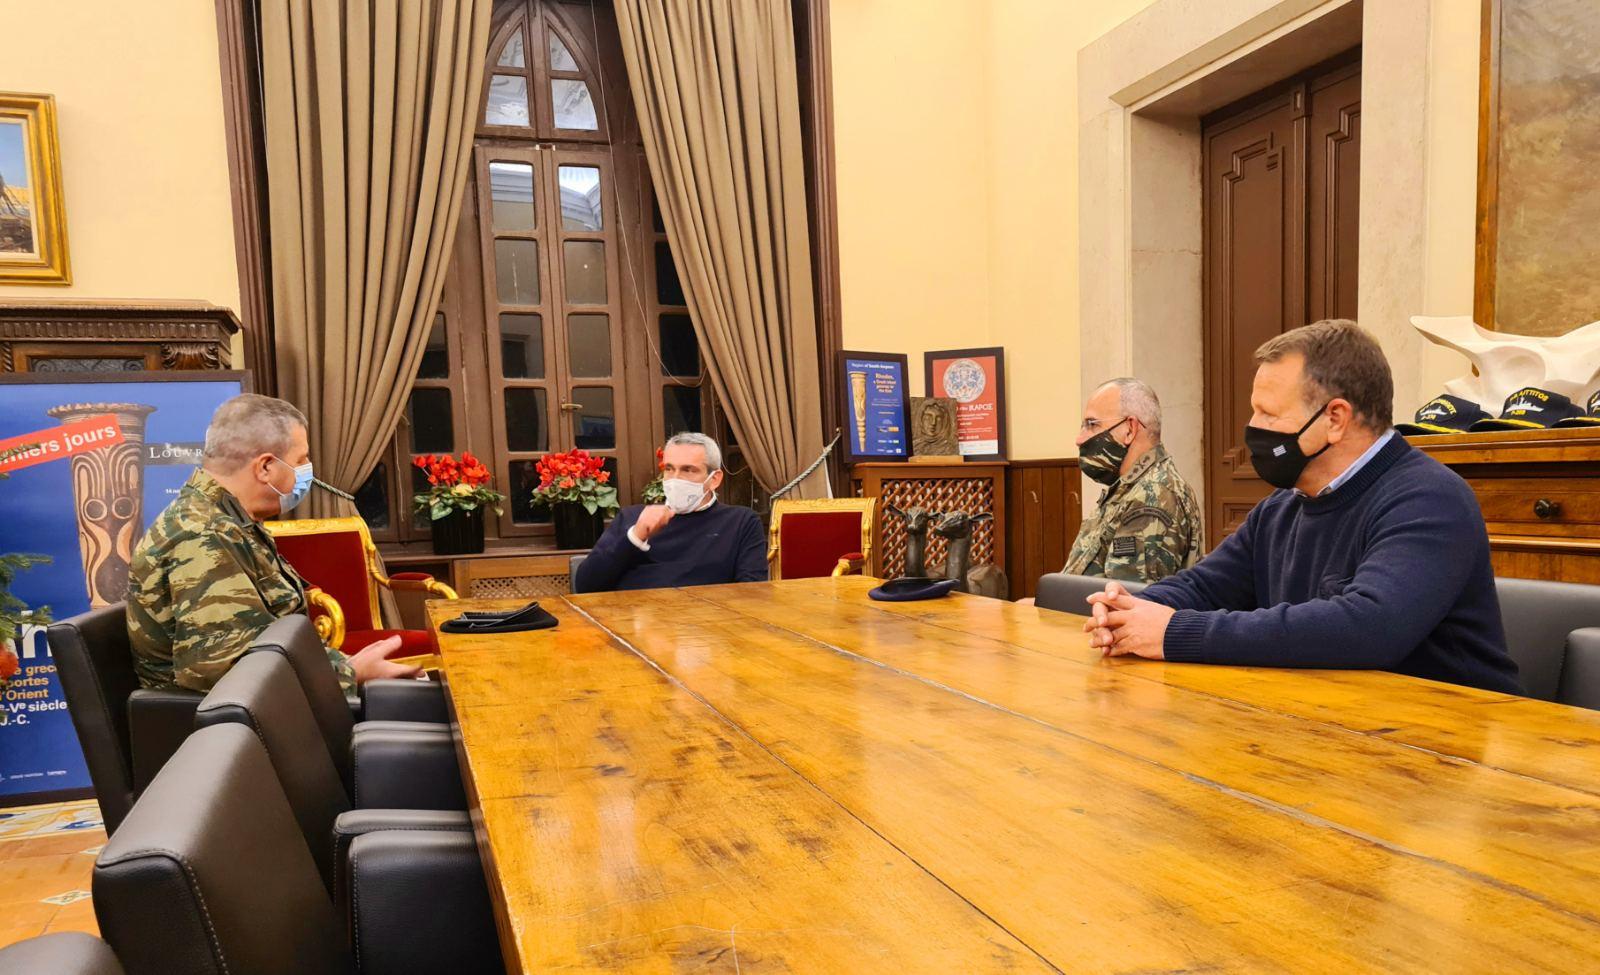 Συνάντηση του Περιφερειάρχη με τον Αρχηγό Γ.Ε.Σ. Αντιστράτηγο Χαράλαμπο Λαλούση